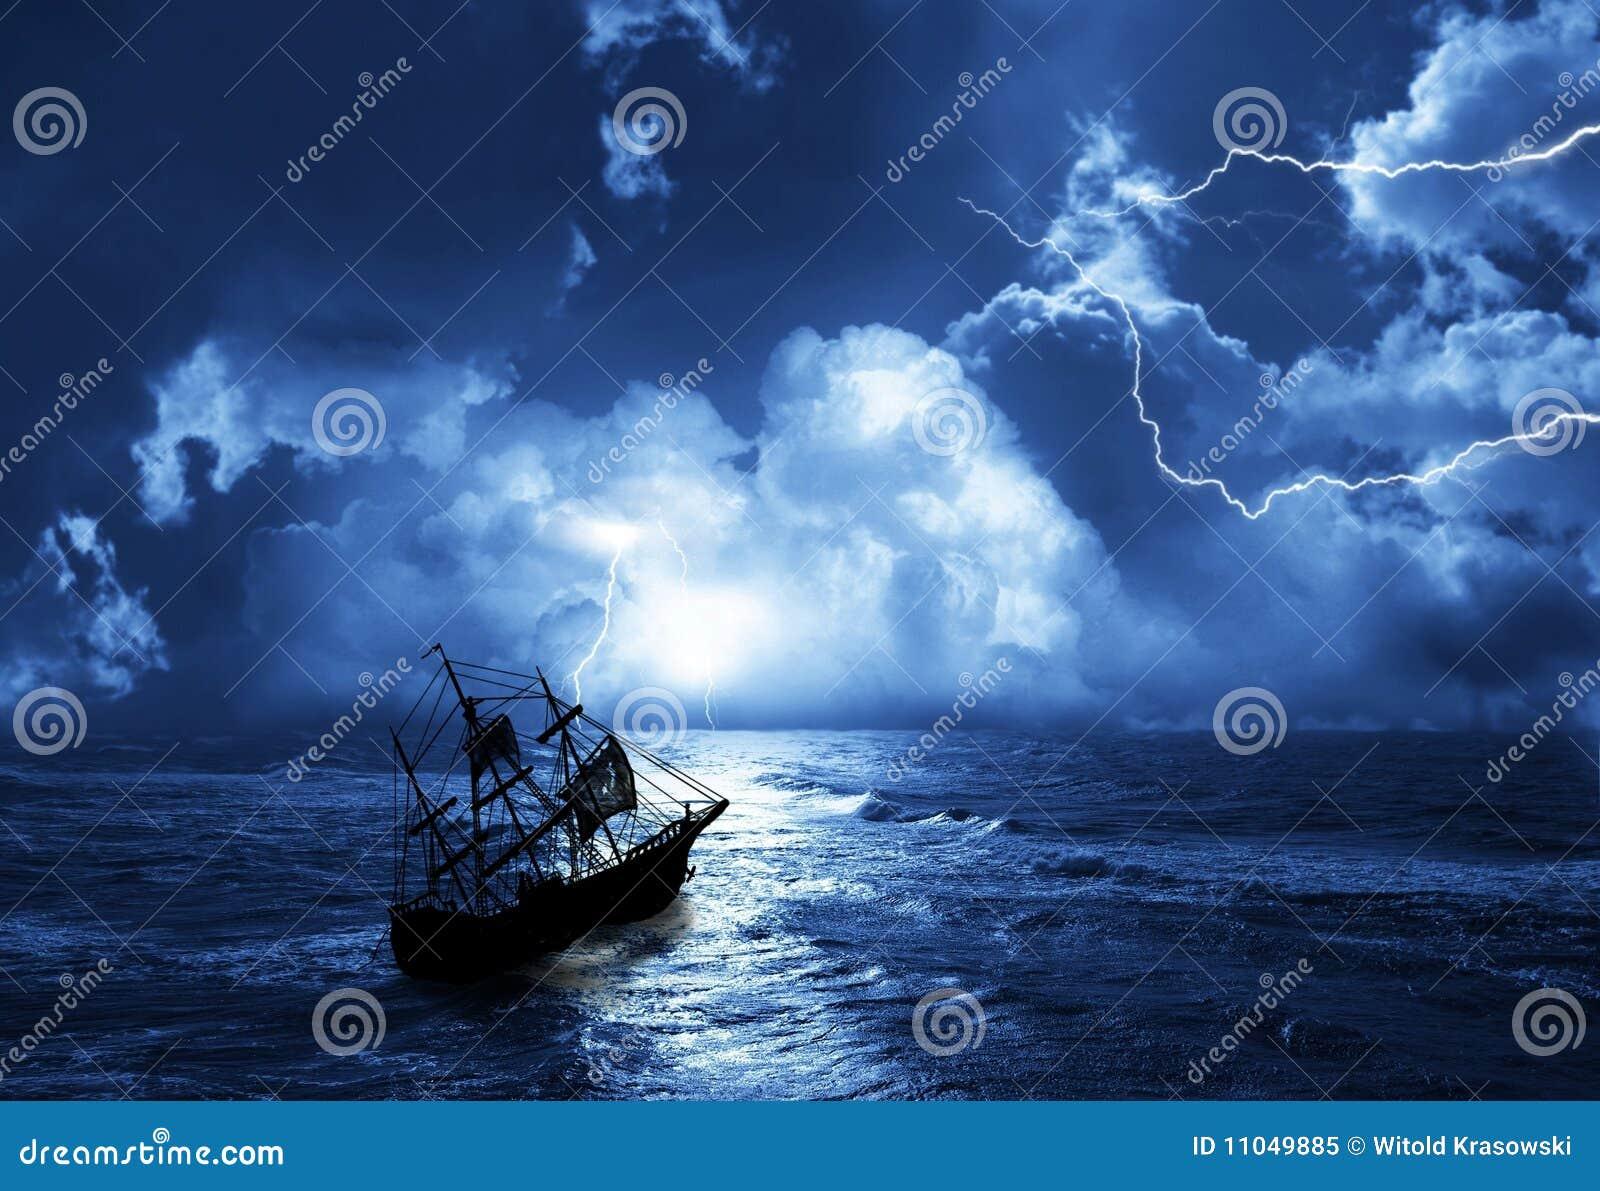 Segeln-versenden Sie in der Zeit des Sturms